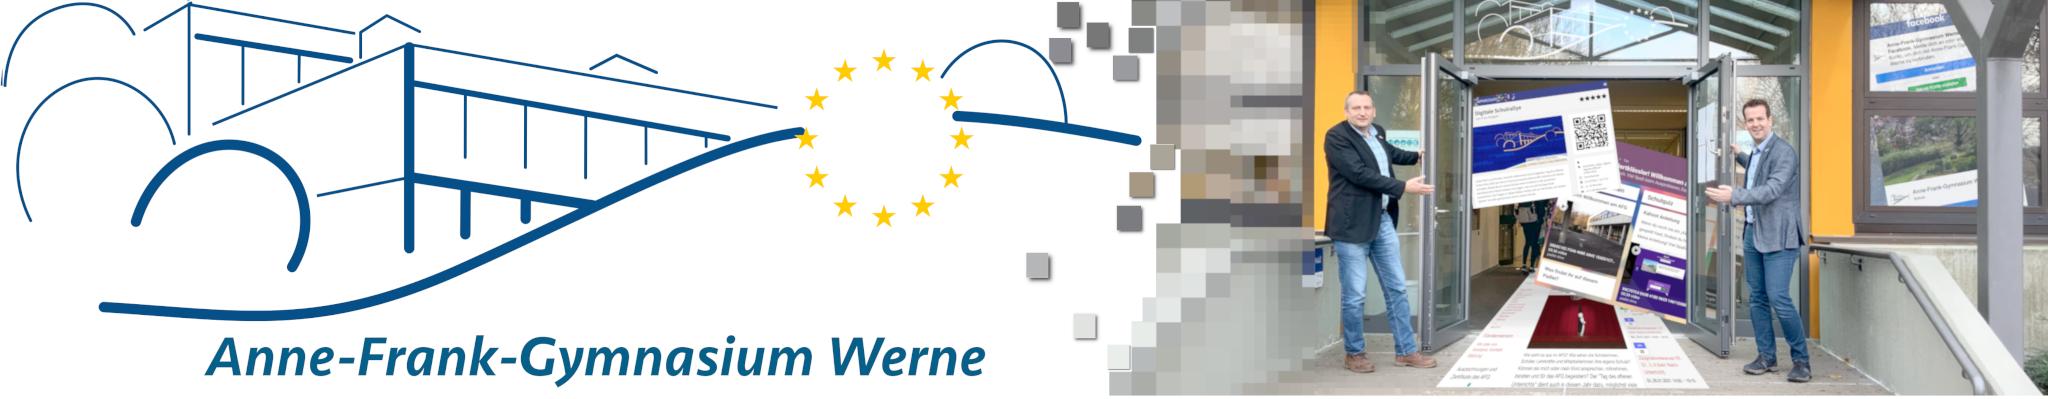 AFG Werne